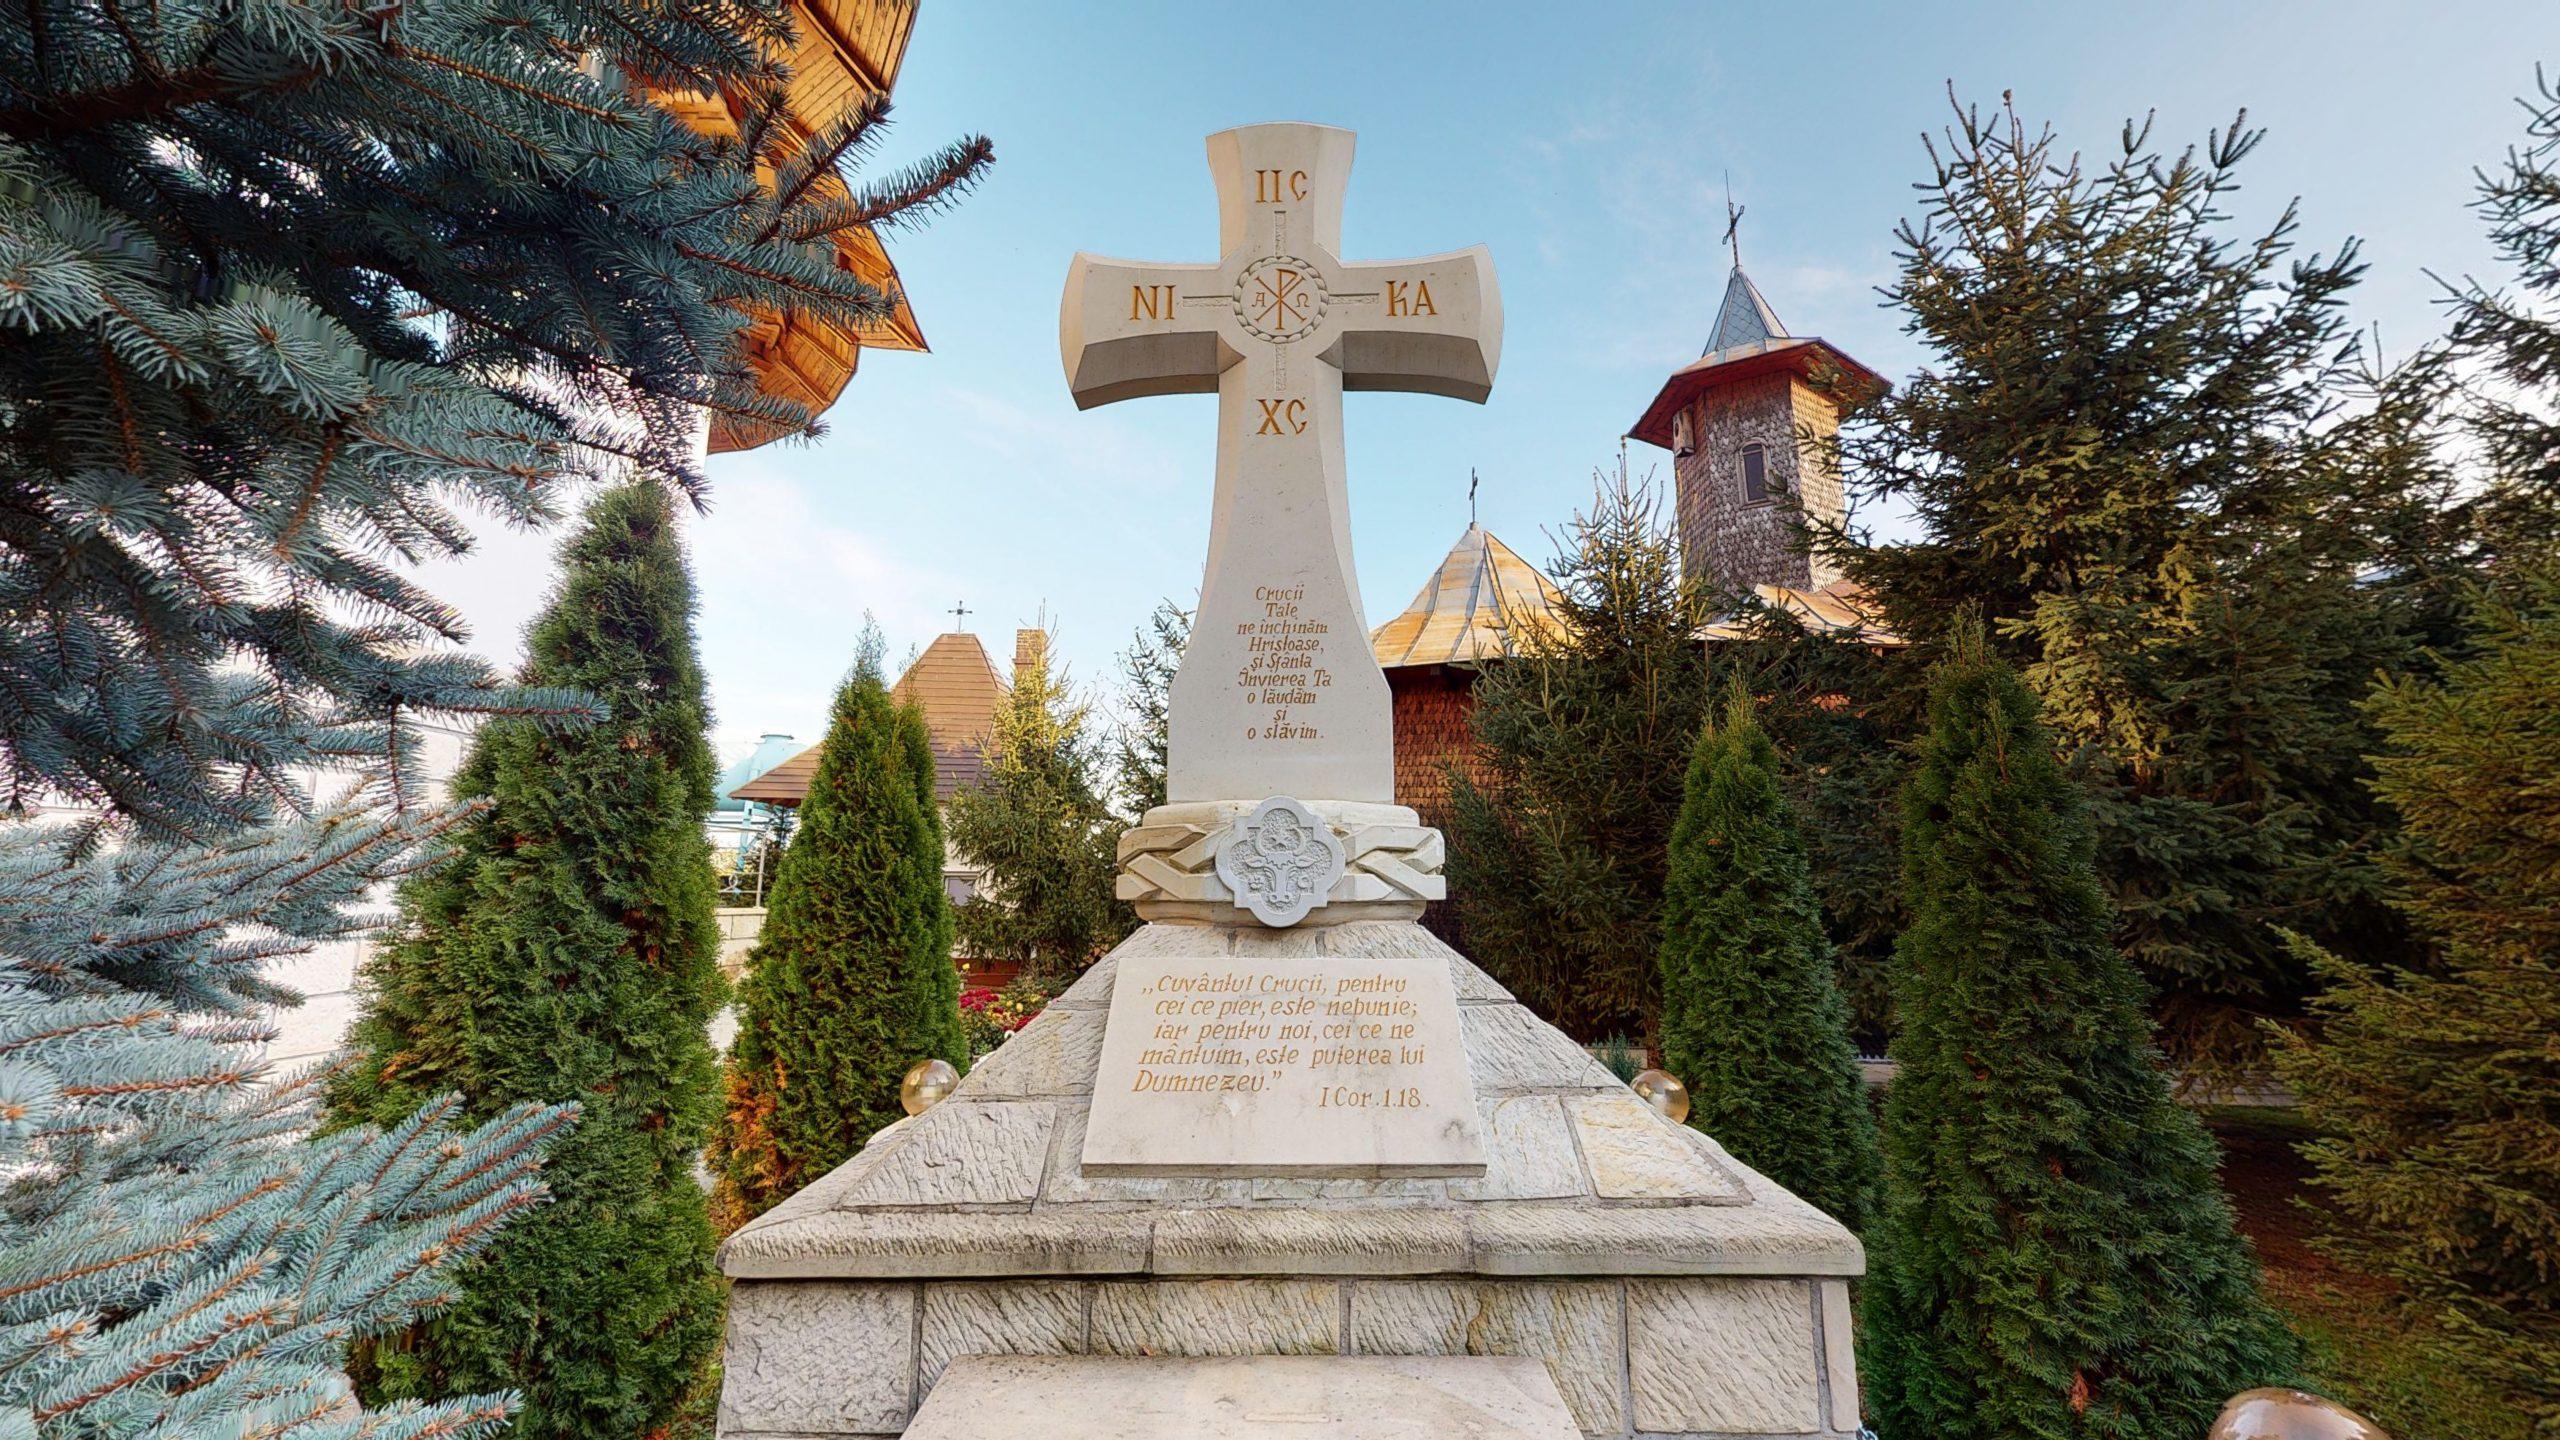 Biserica-Sfintii-Trei-Ierarhi-Flamanzi-12182020_121810